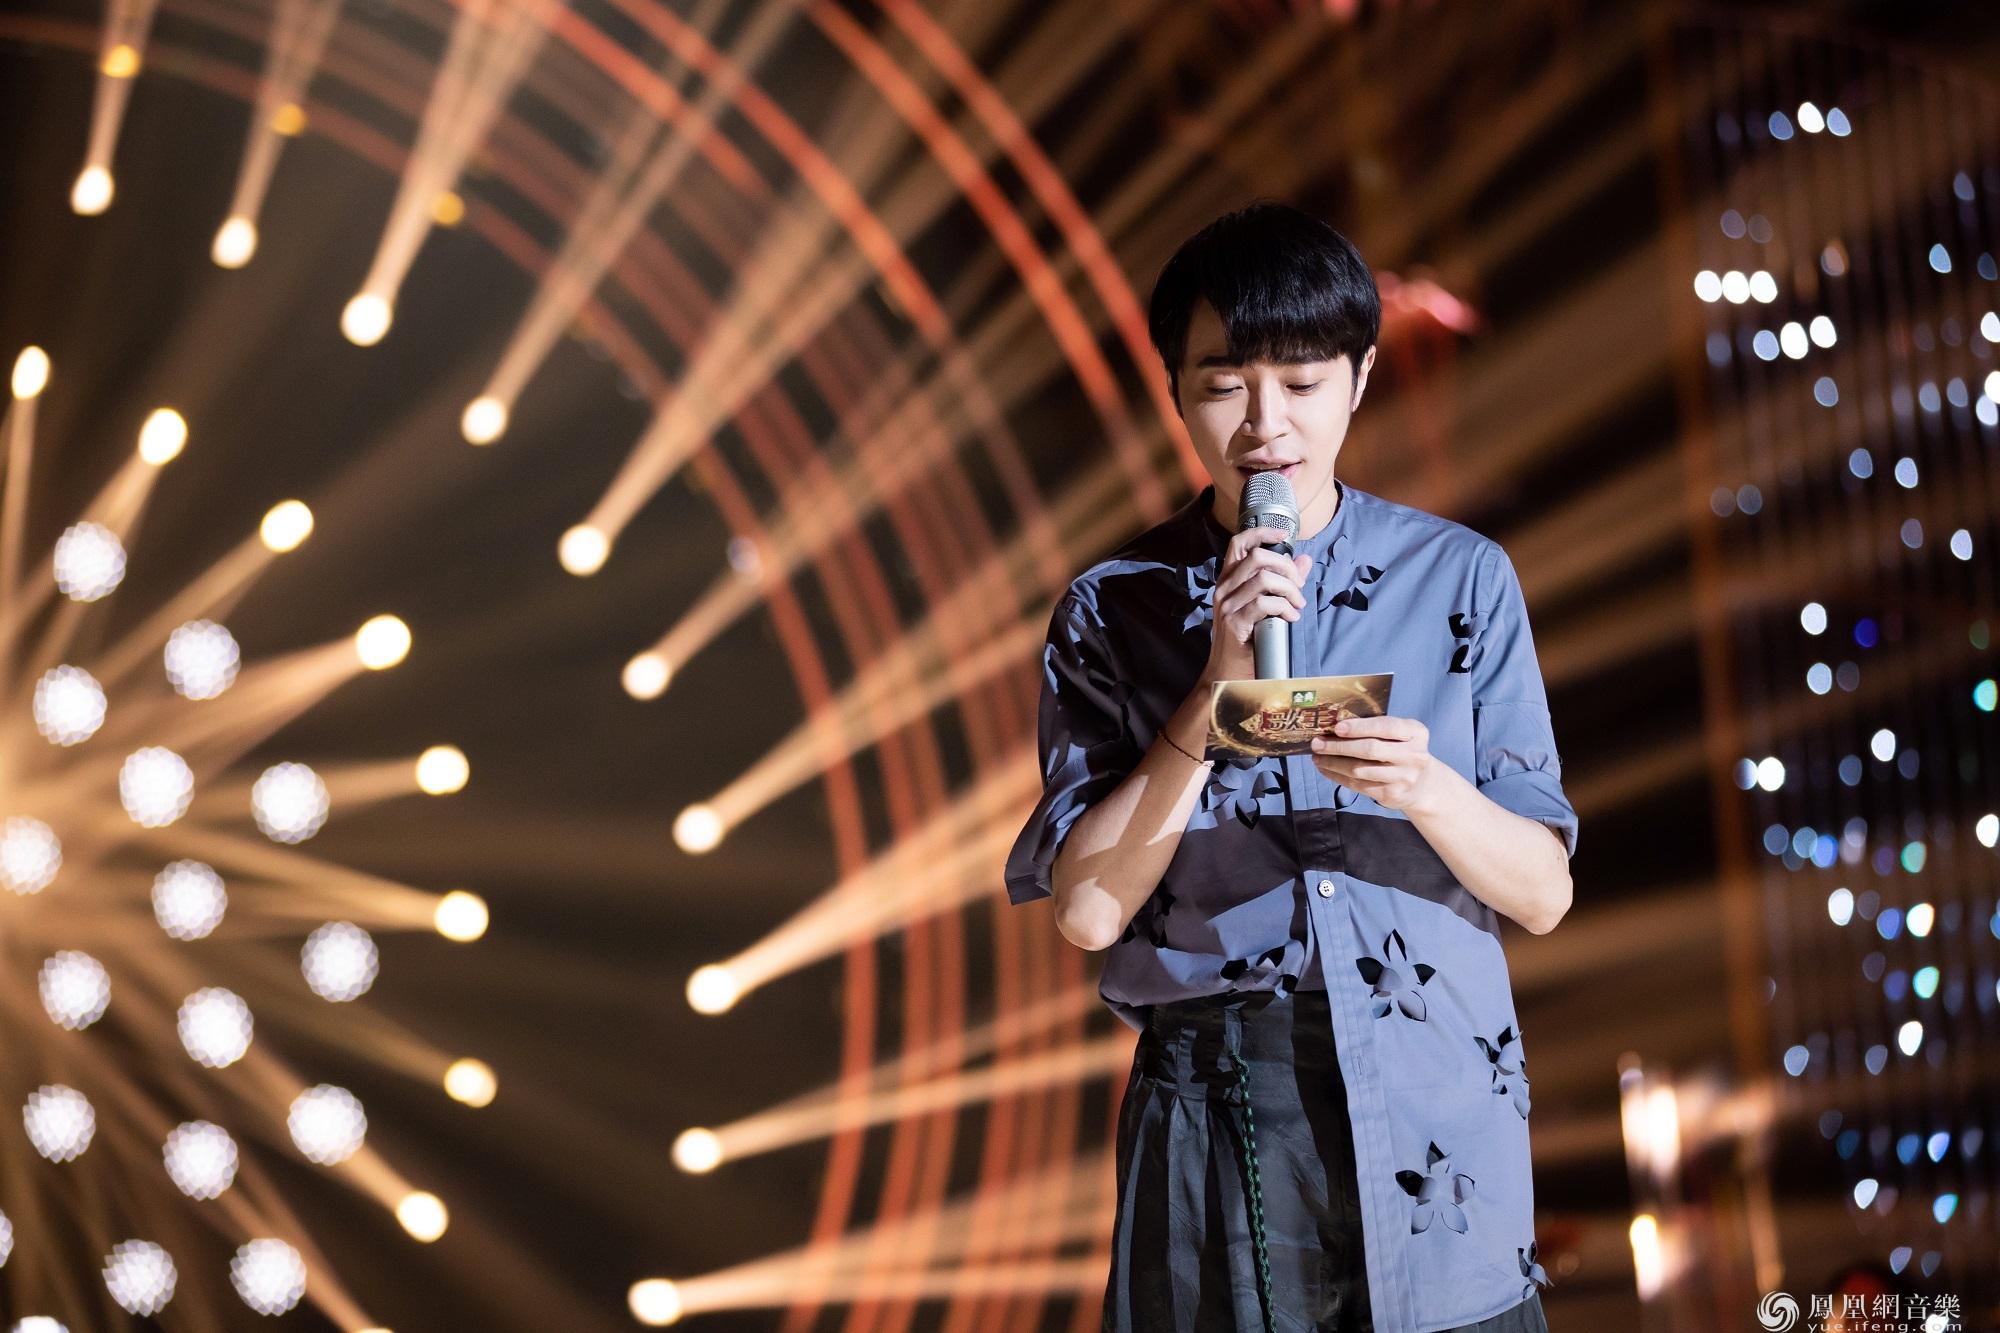 吴青峰《歌手》2019第九期深情诠结了歌词释《那些花儿+望春风》 引网友冲动落泪